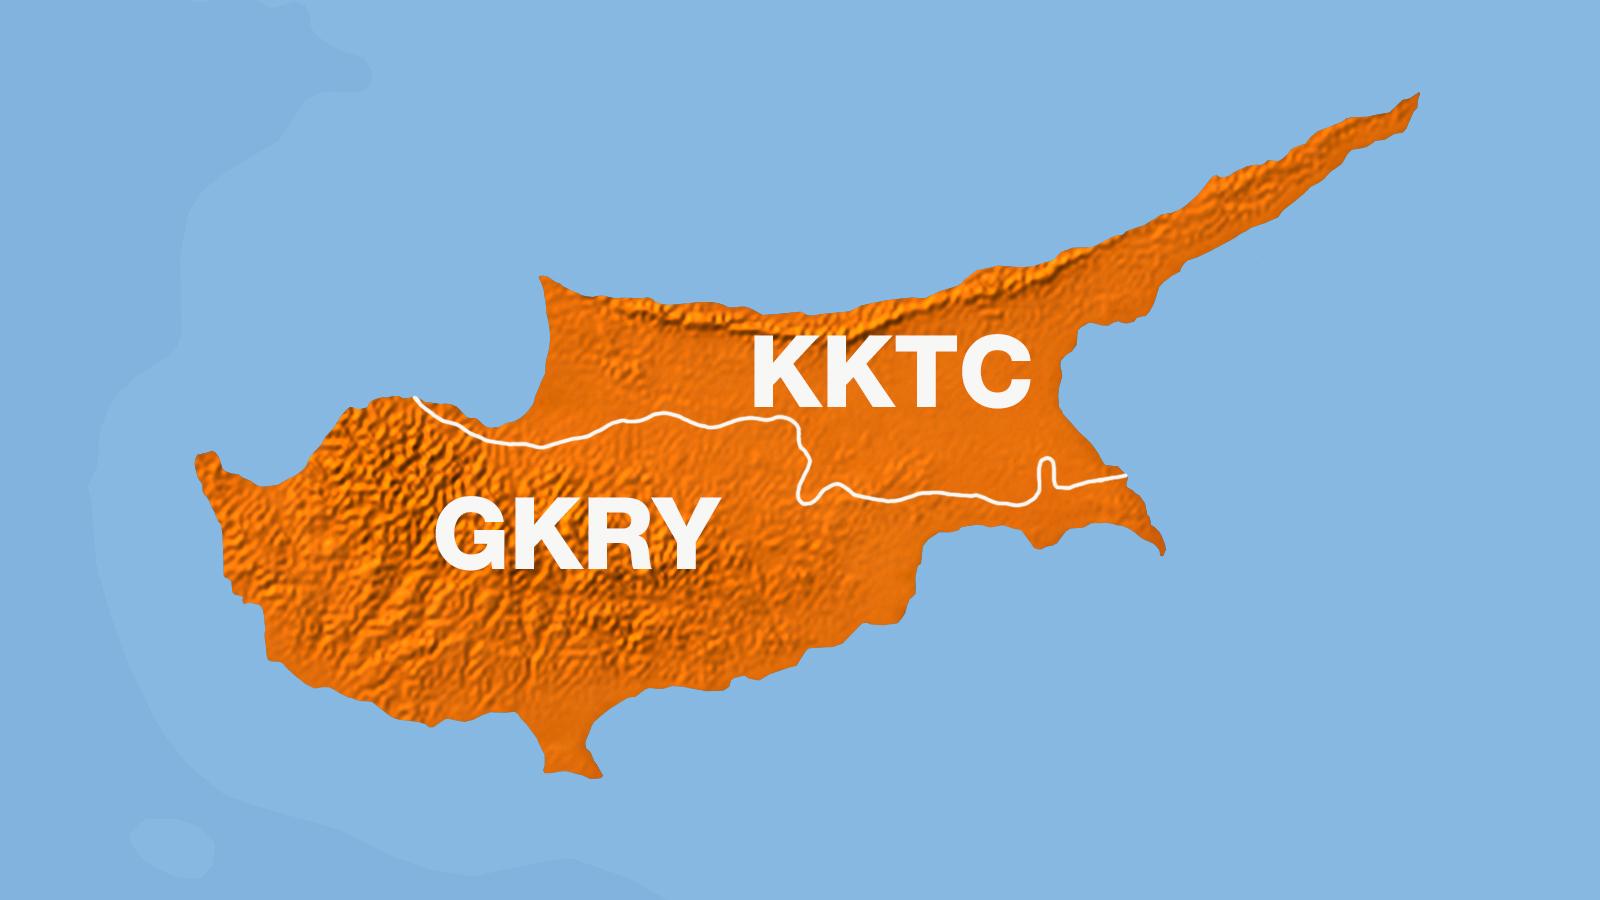 مجلس الأمن يؤكد مواصلته دعم تسوية شاملة للقضية القبرصية